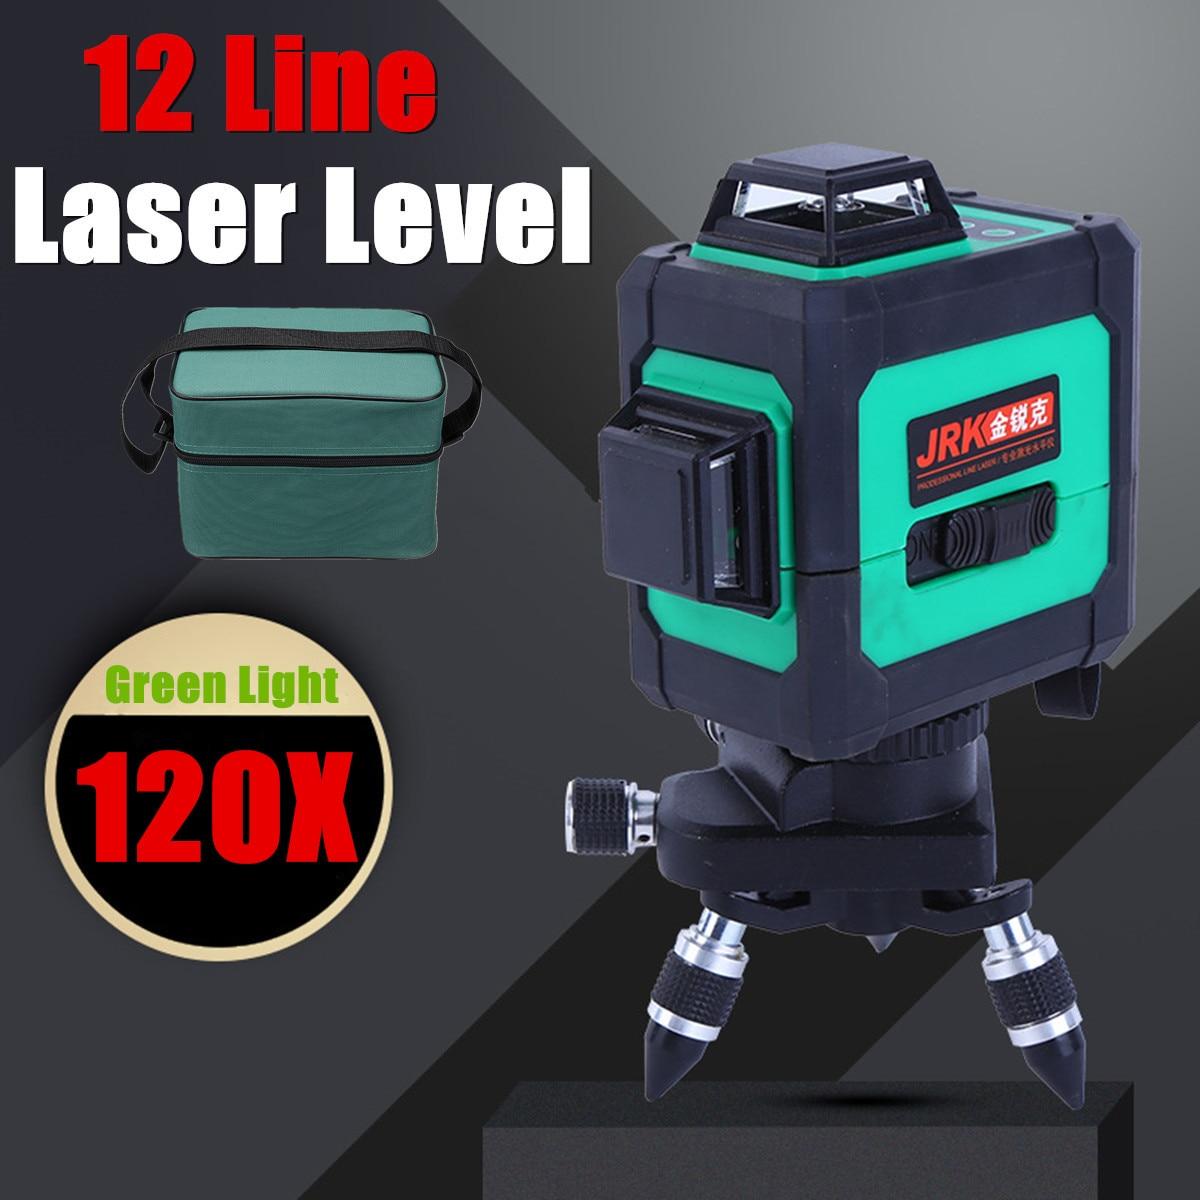 3D Verde Laser Livello di Auto Livellamento 50 Volte Applicazioni Larghe 360 Rotante Croce Misura 12 Linee per L'allineamento Preciso Mobilità